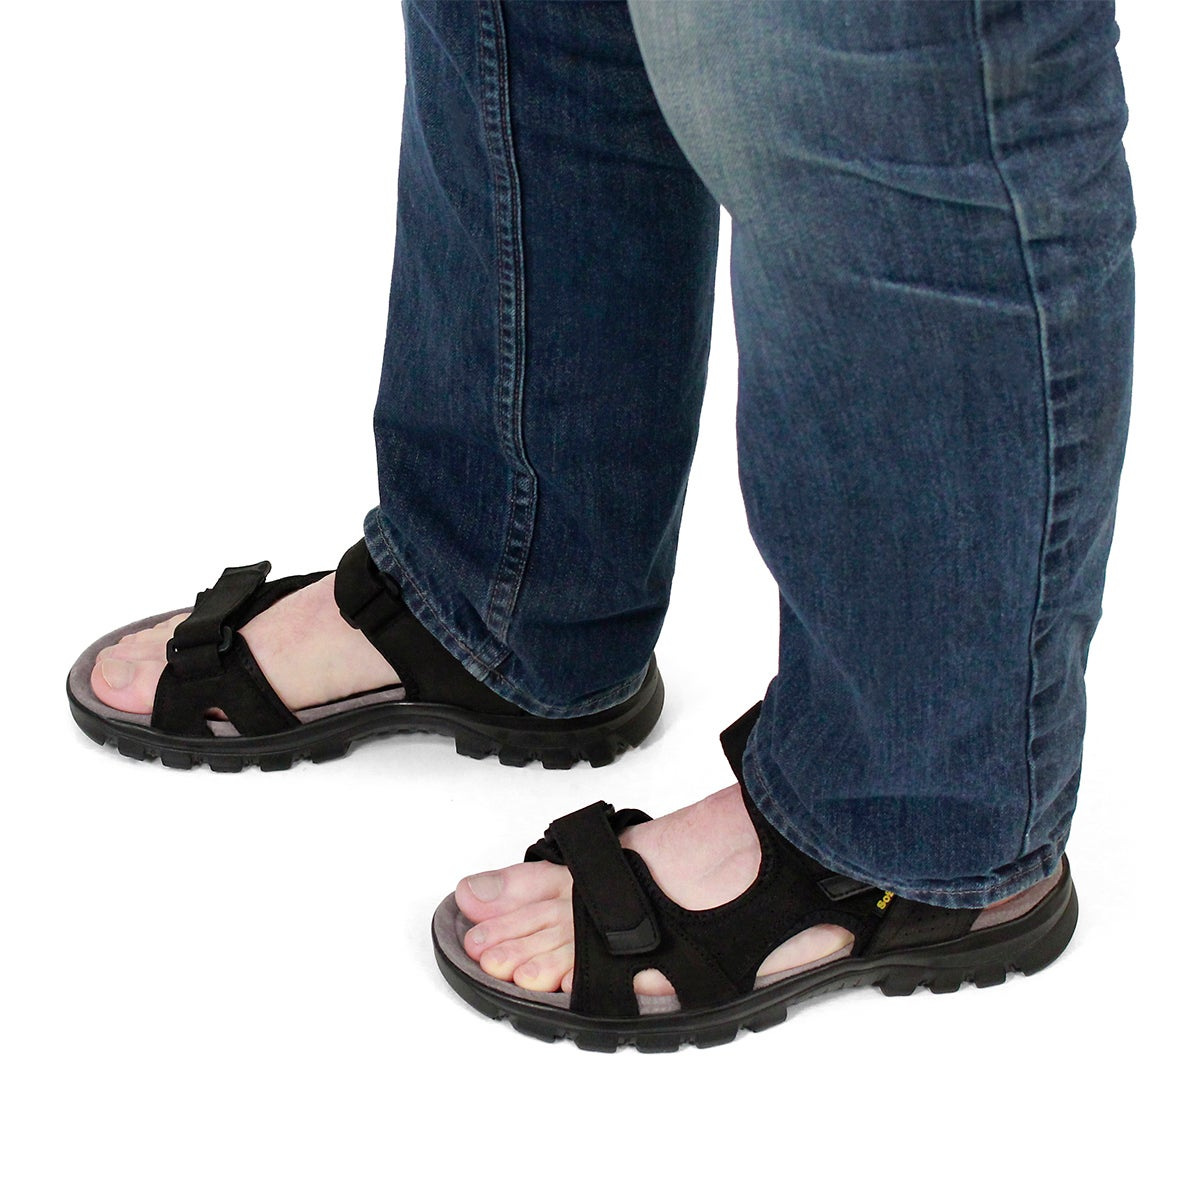 Mns Kirk black 3 strap sport sandal